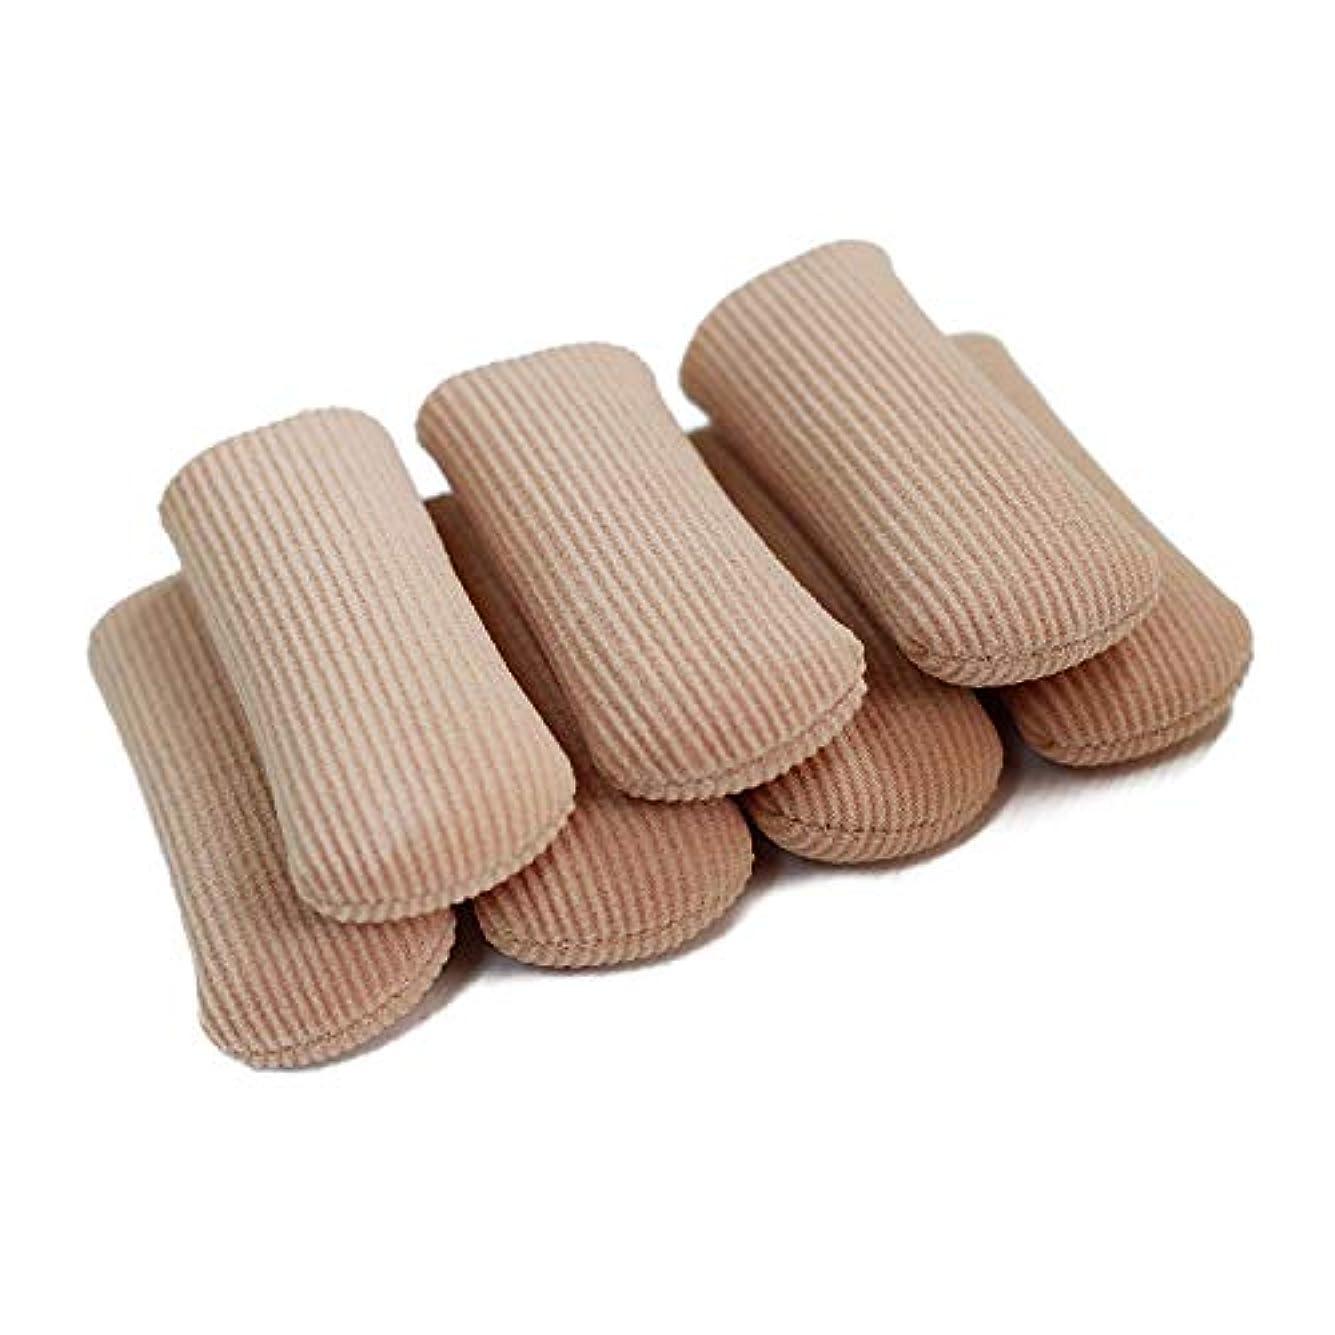 製作クライマックス原始的な6個入 L 足指保護キャップ 撃吸収 レディース メンズ 男 女性適用